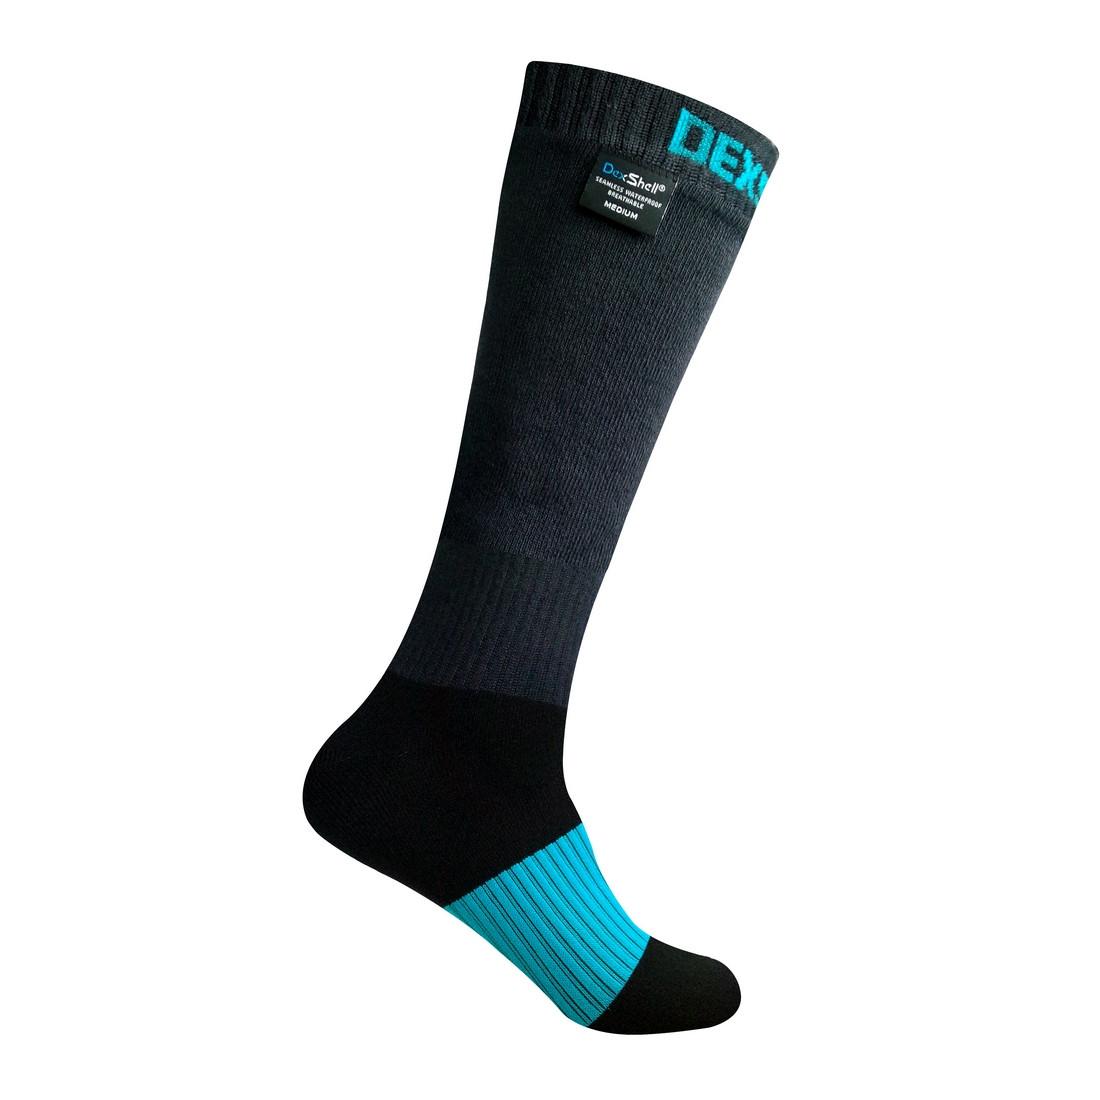 Носки водонепроницаемые Dexshell Extreme Sports Socks XL